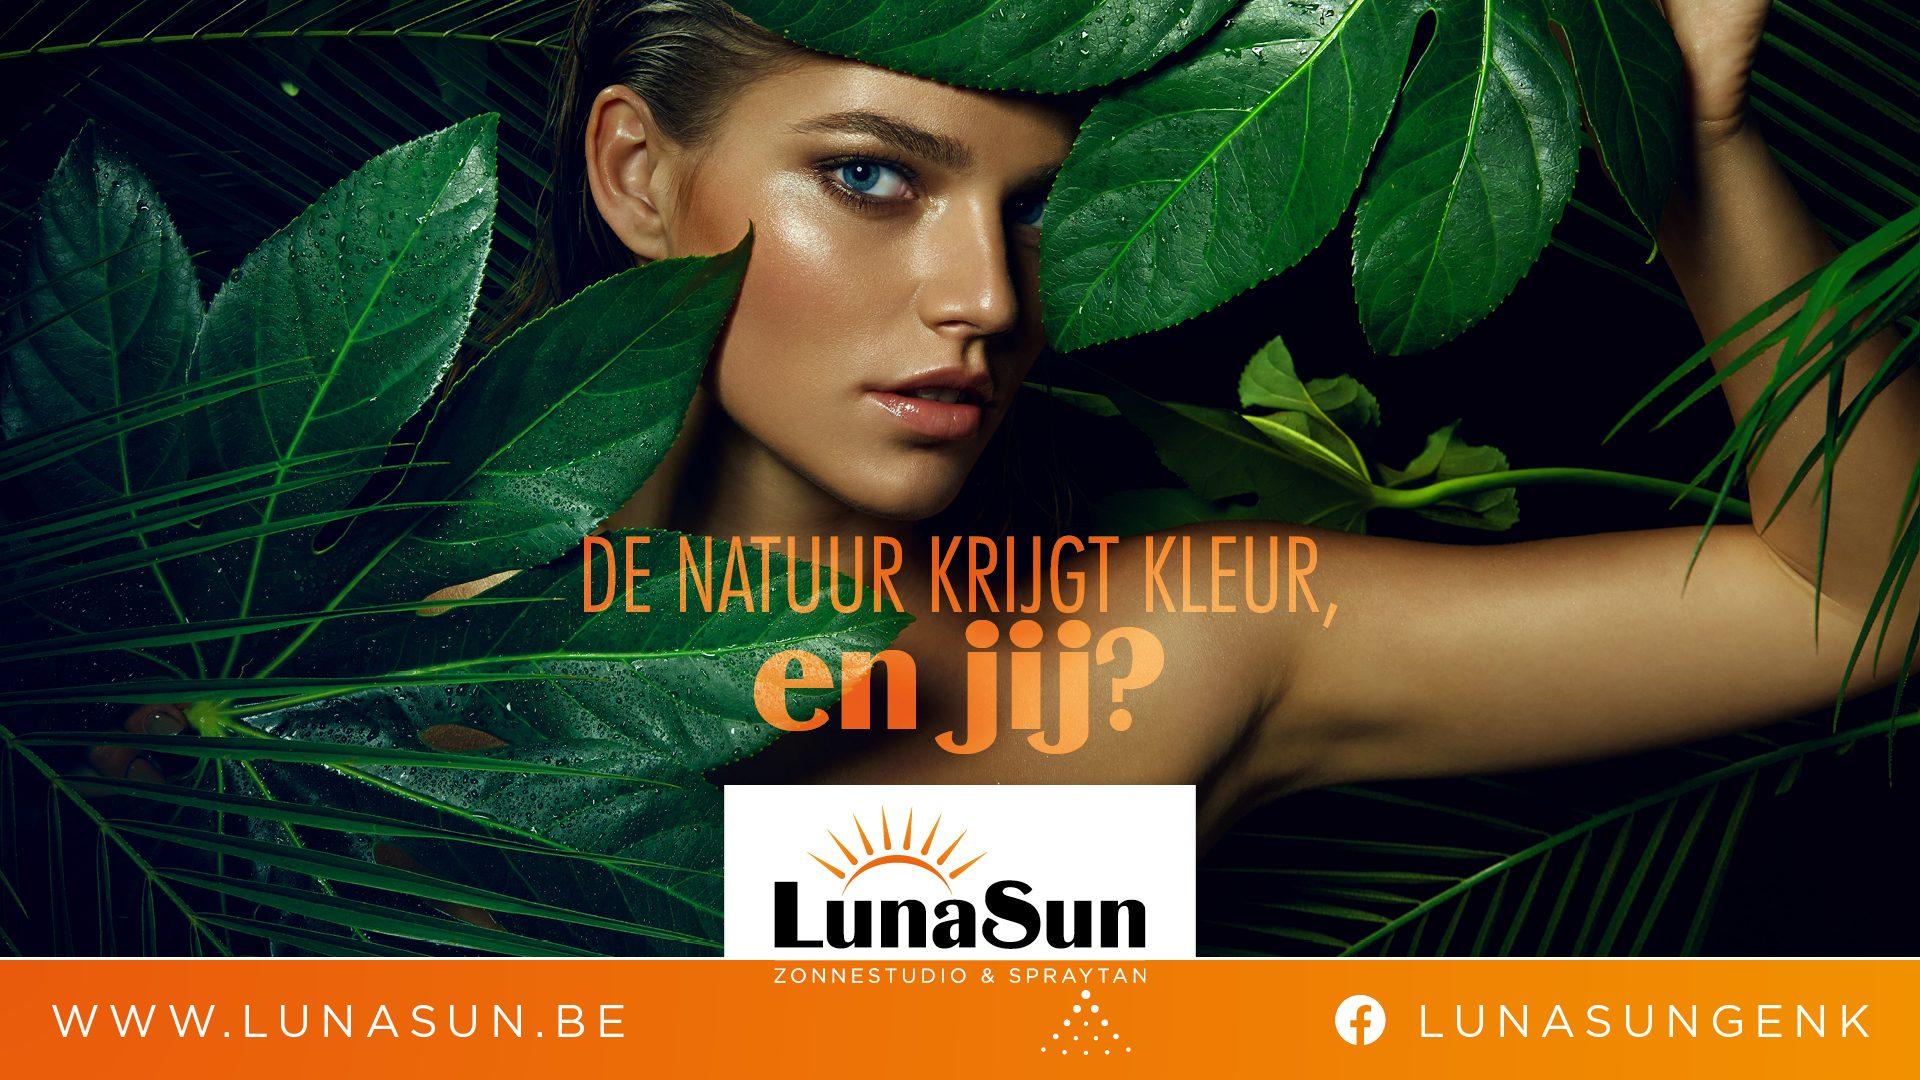 Lunasun_beelden-eindejaar2019_10